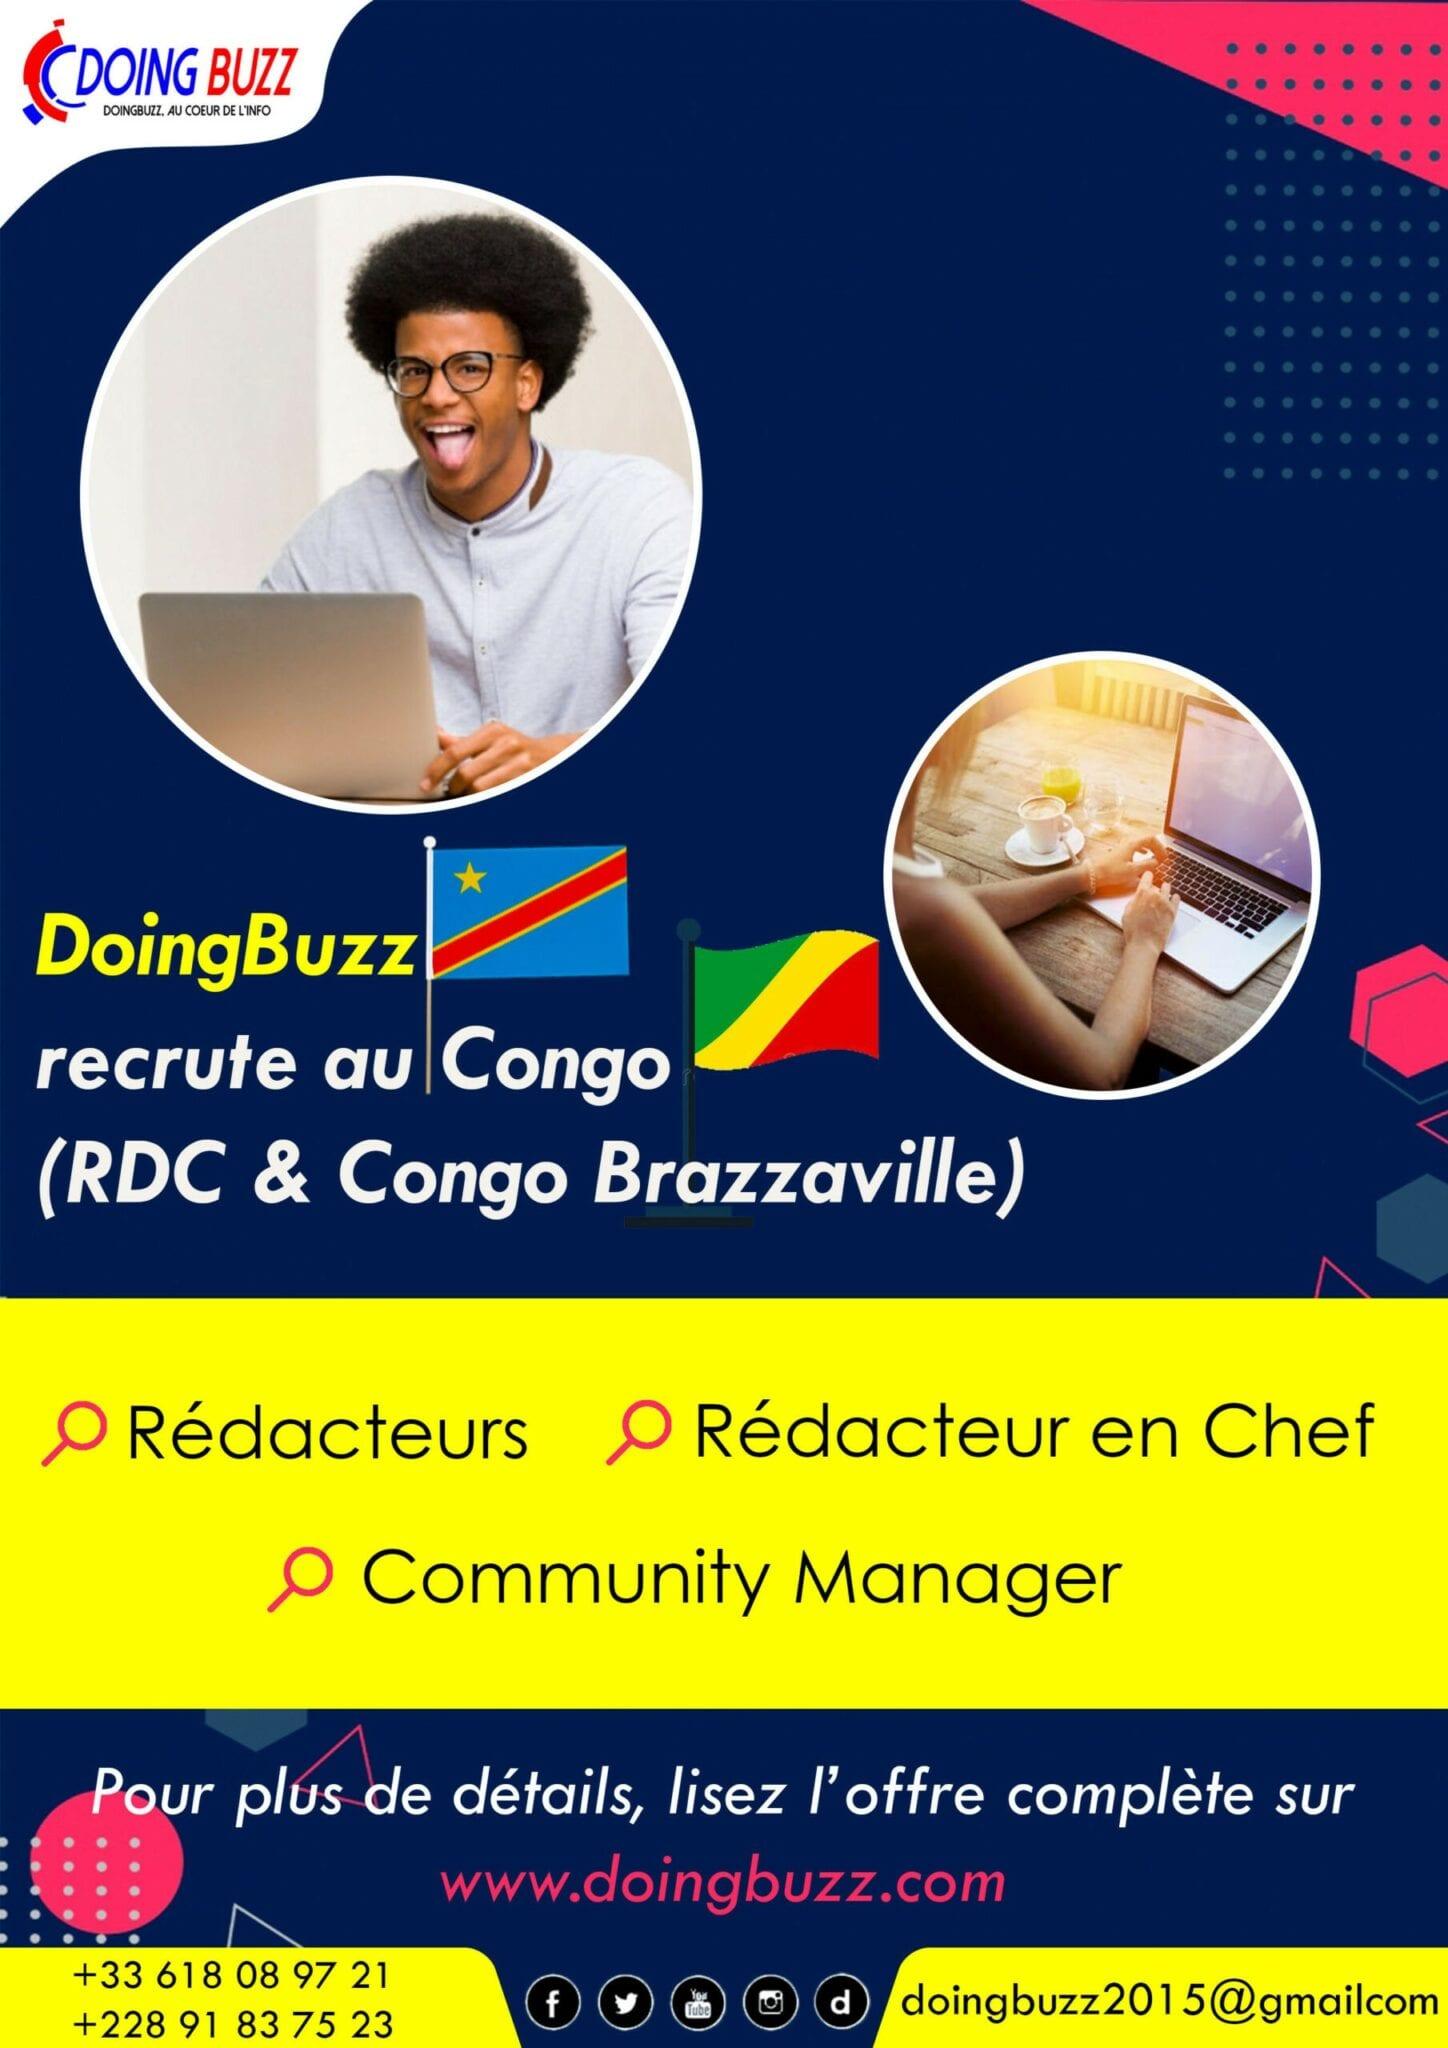 Doingbuzz.com recrute pour plusieurs postes au Congo